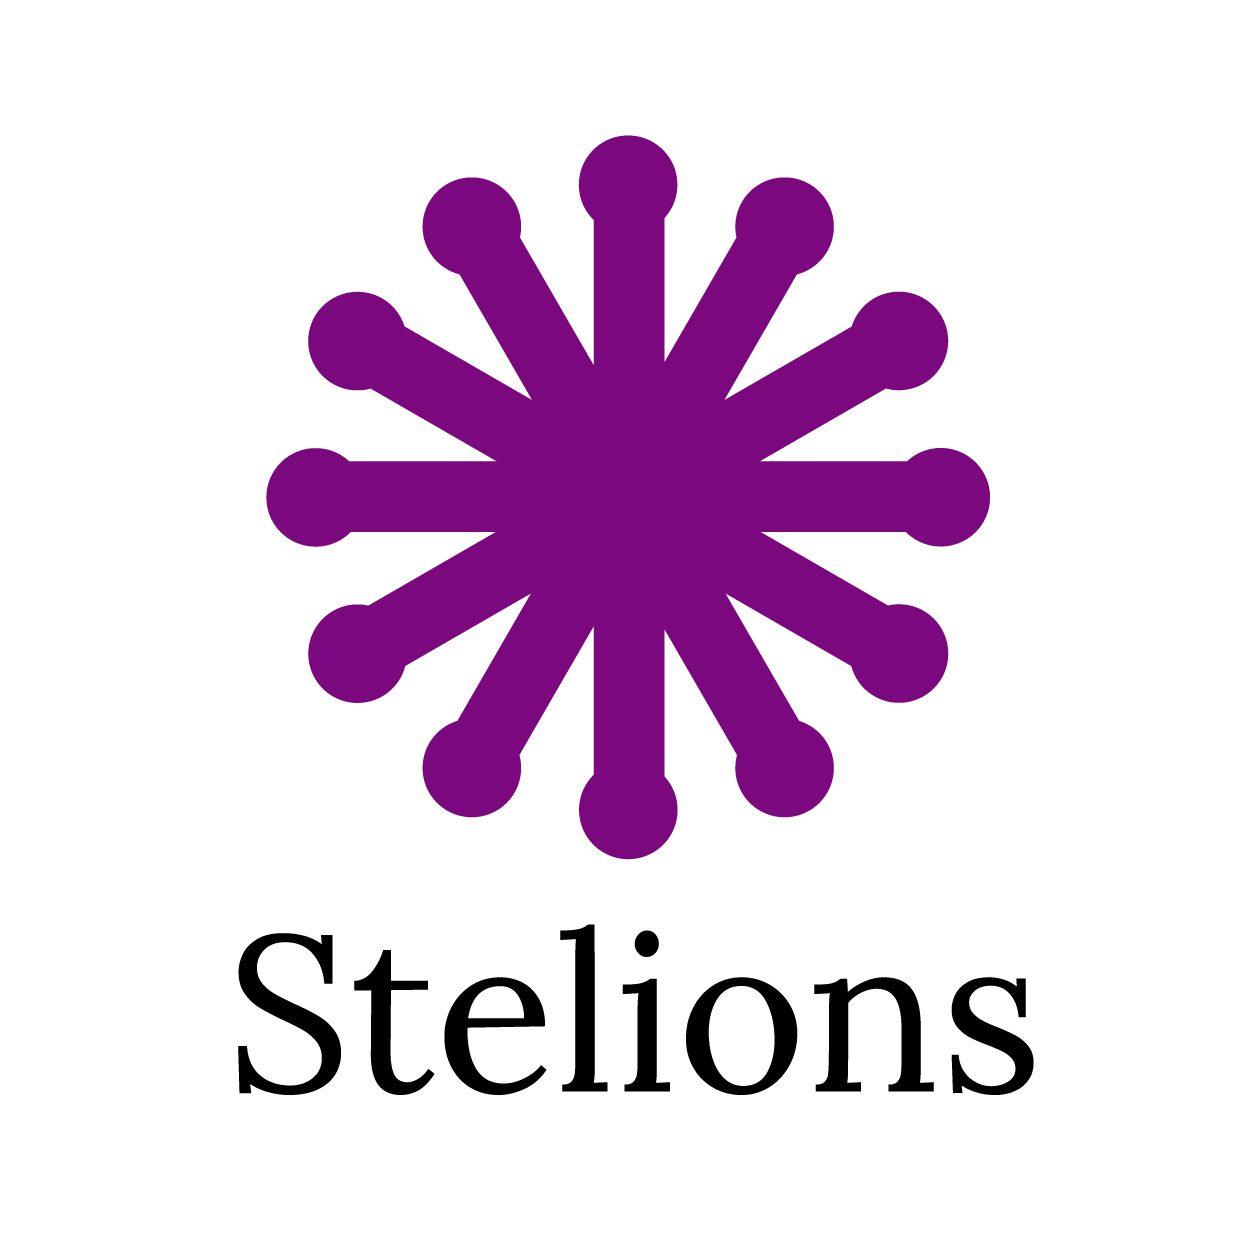 Stelions